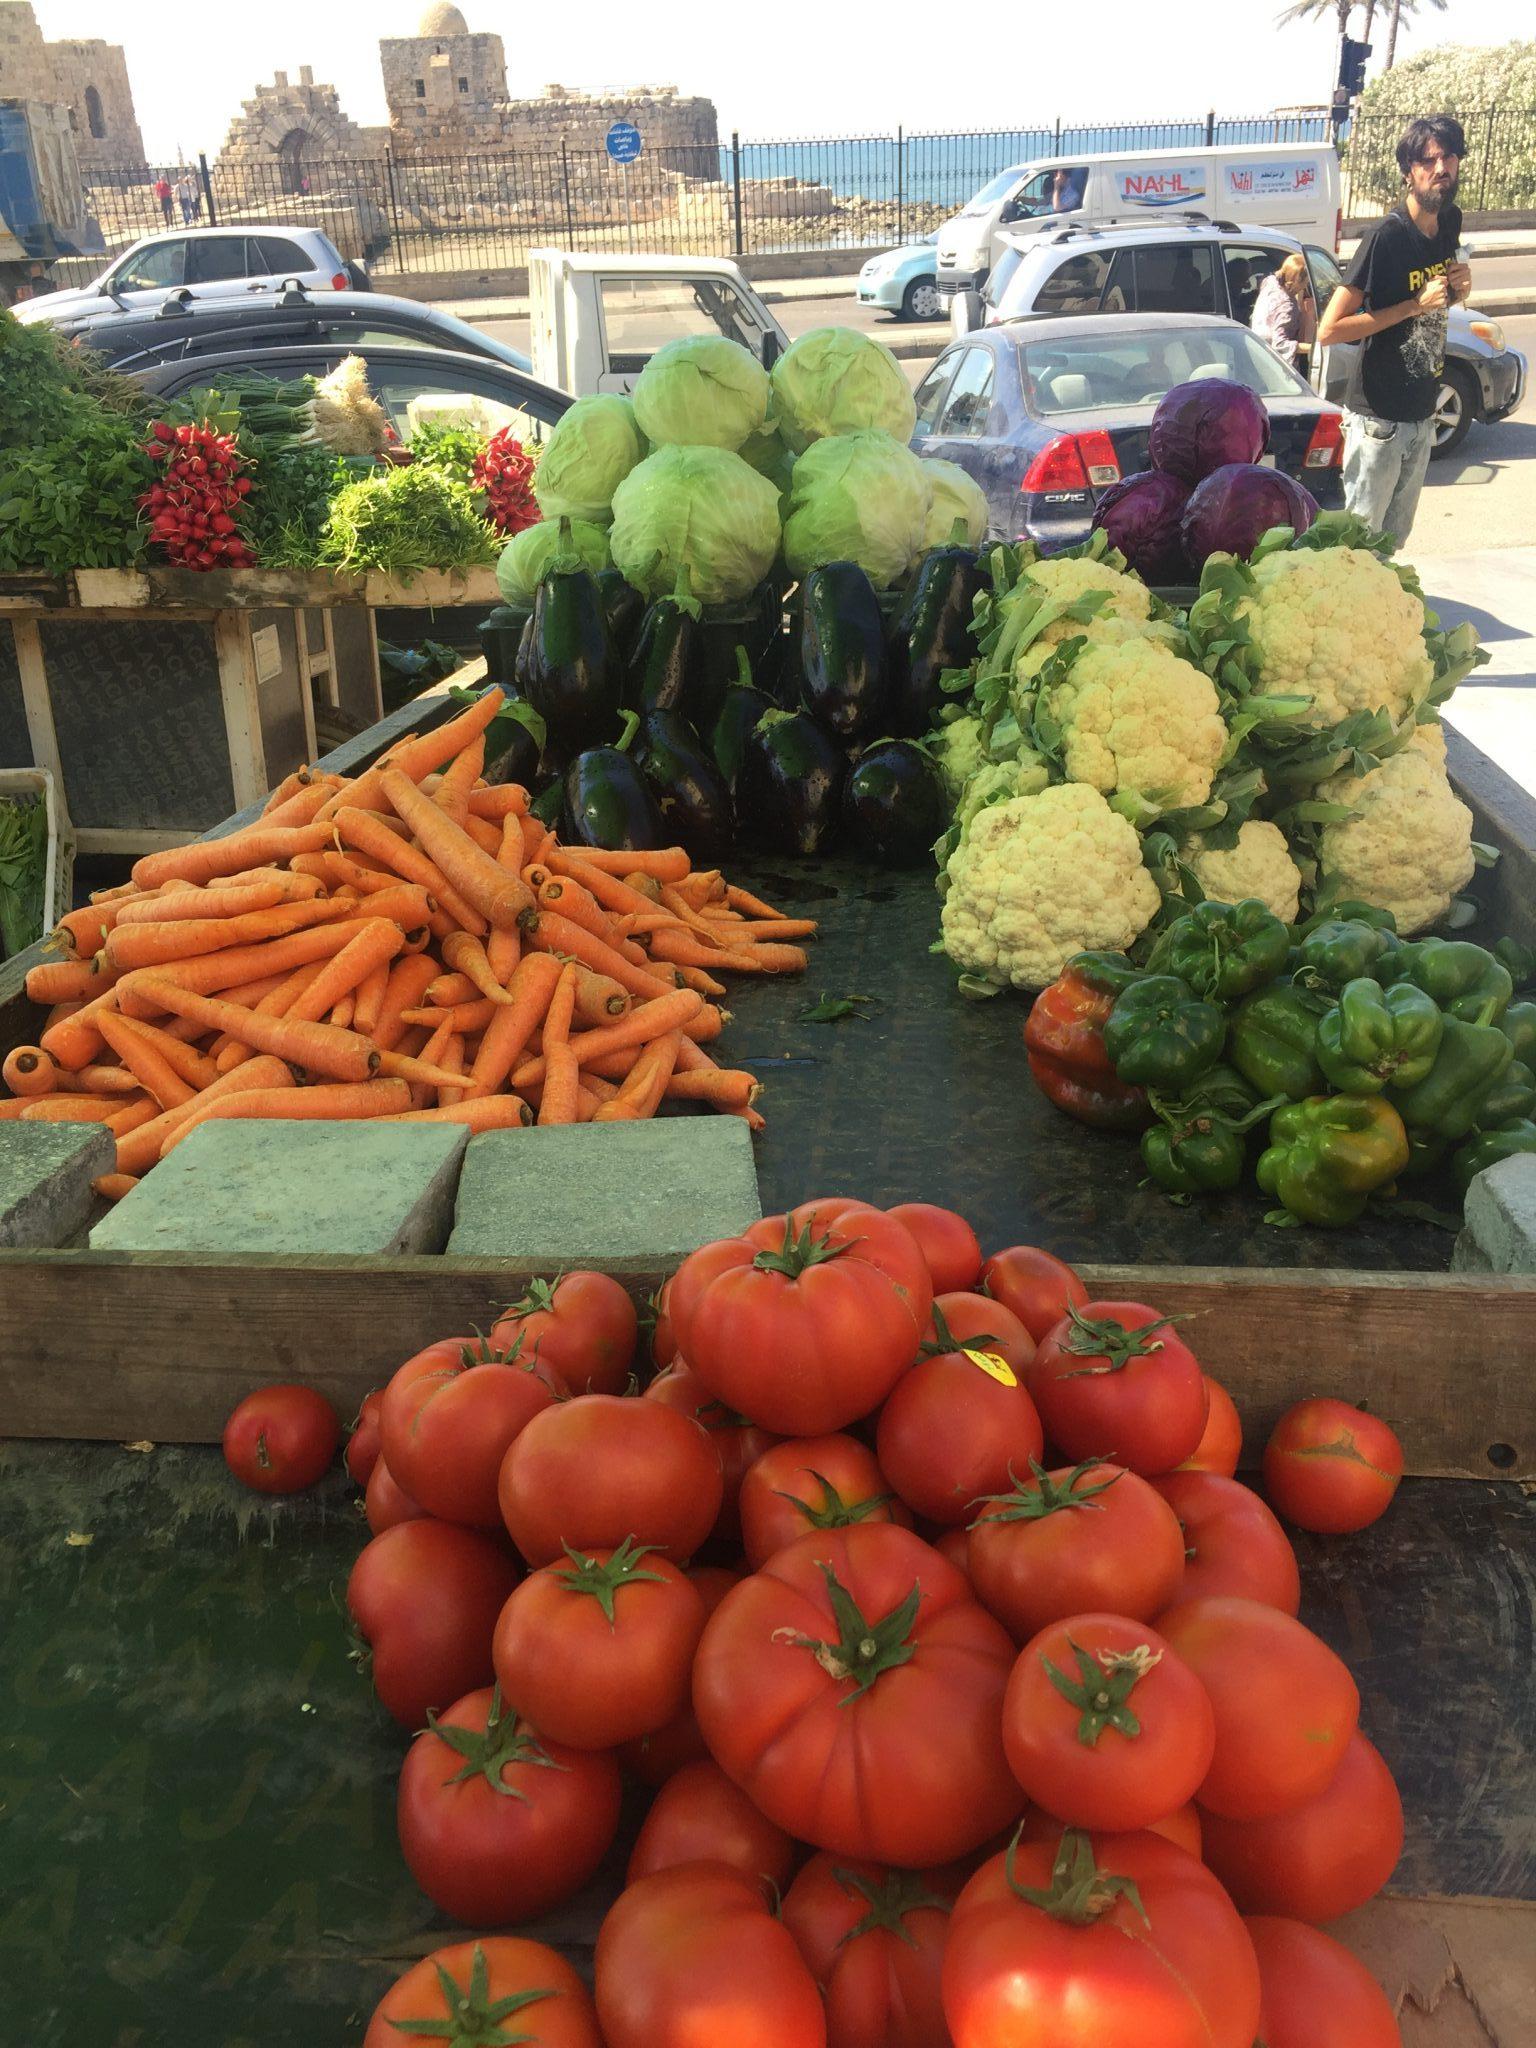 Puesto en el mercado con hortalizas y verduras